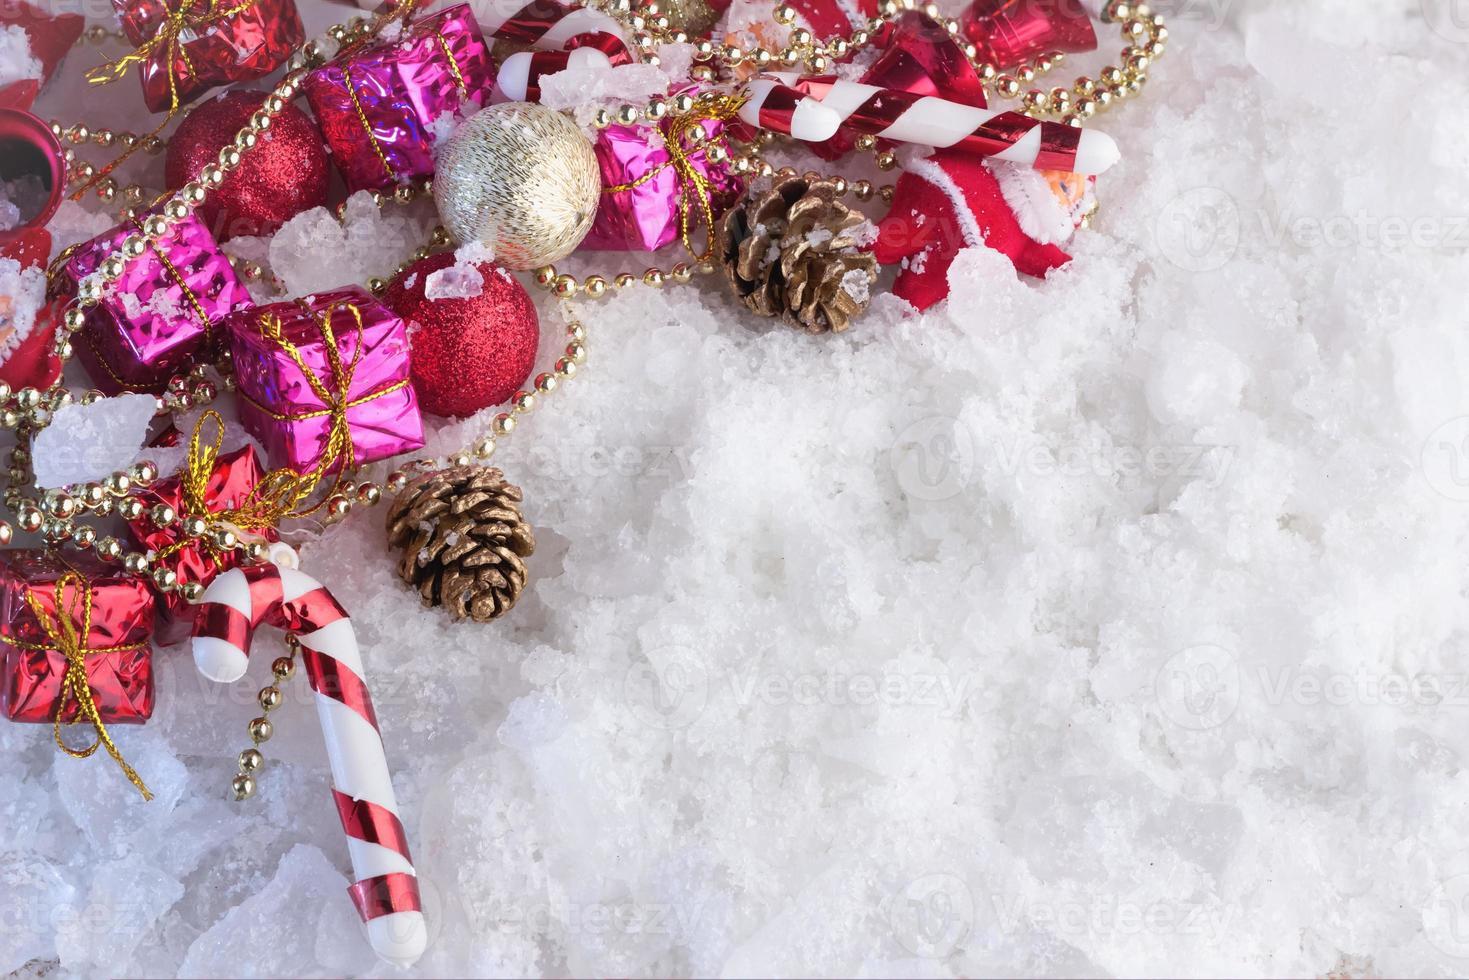 décoration de Noël recouverte de neige photo